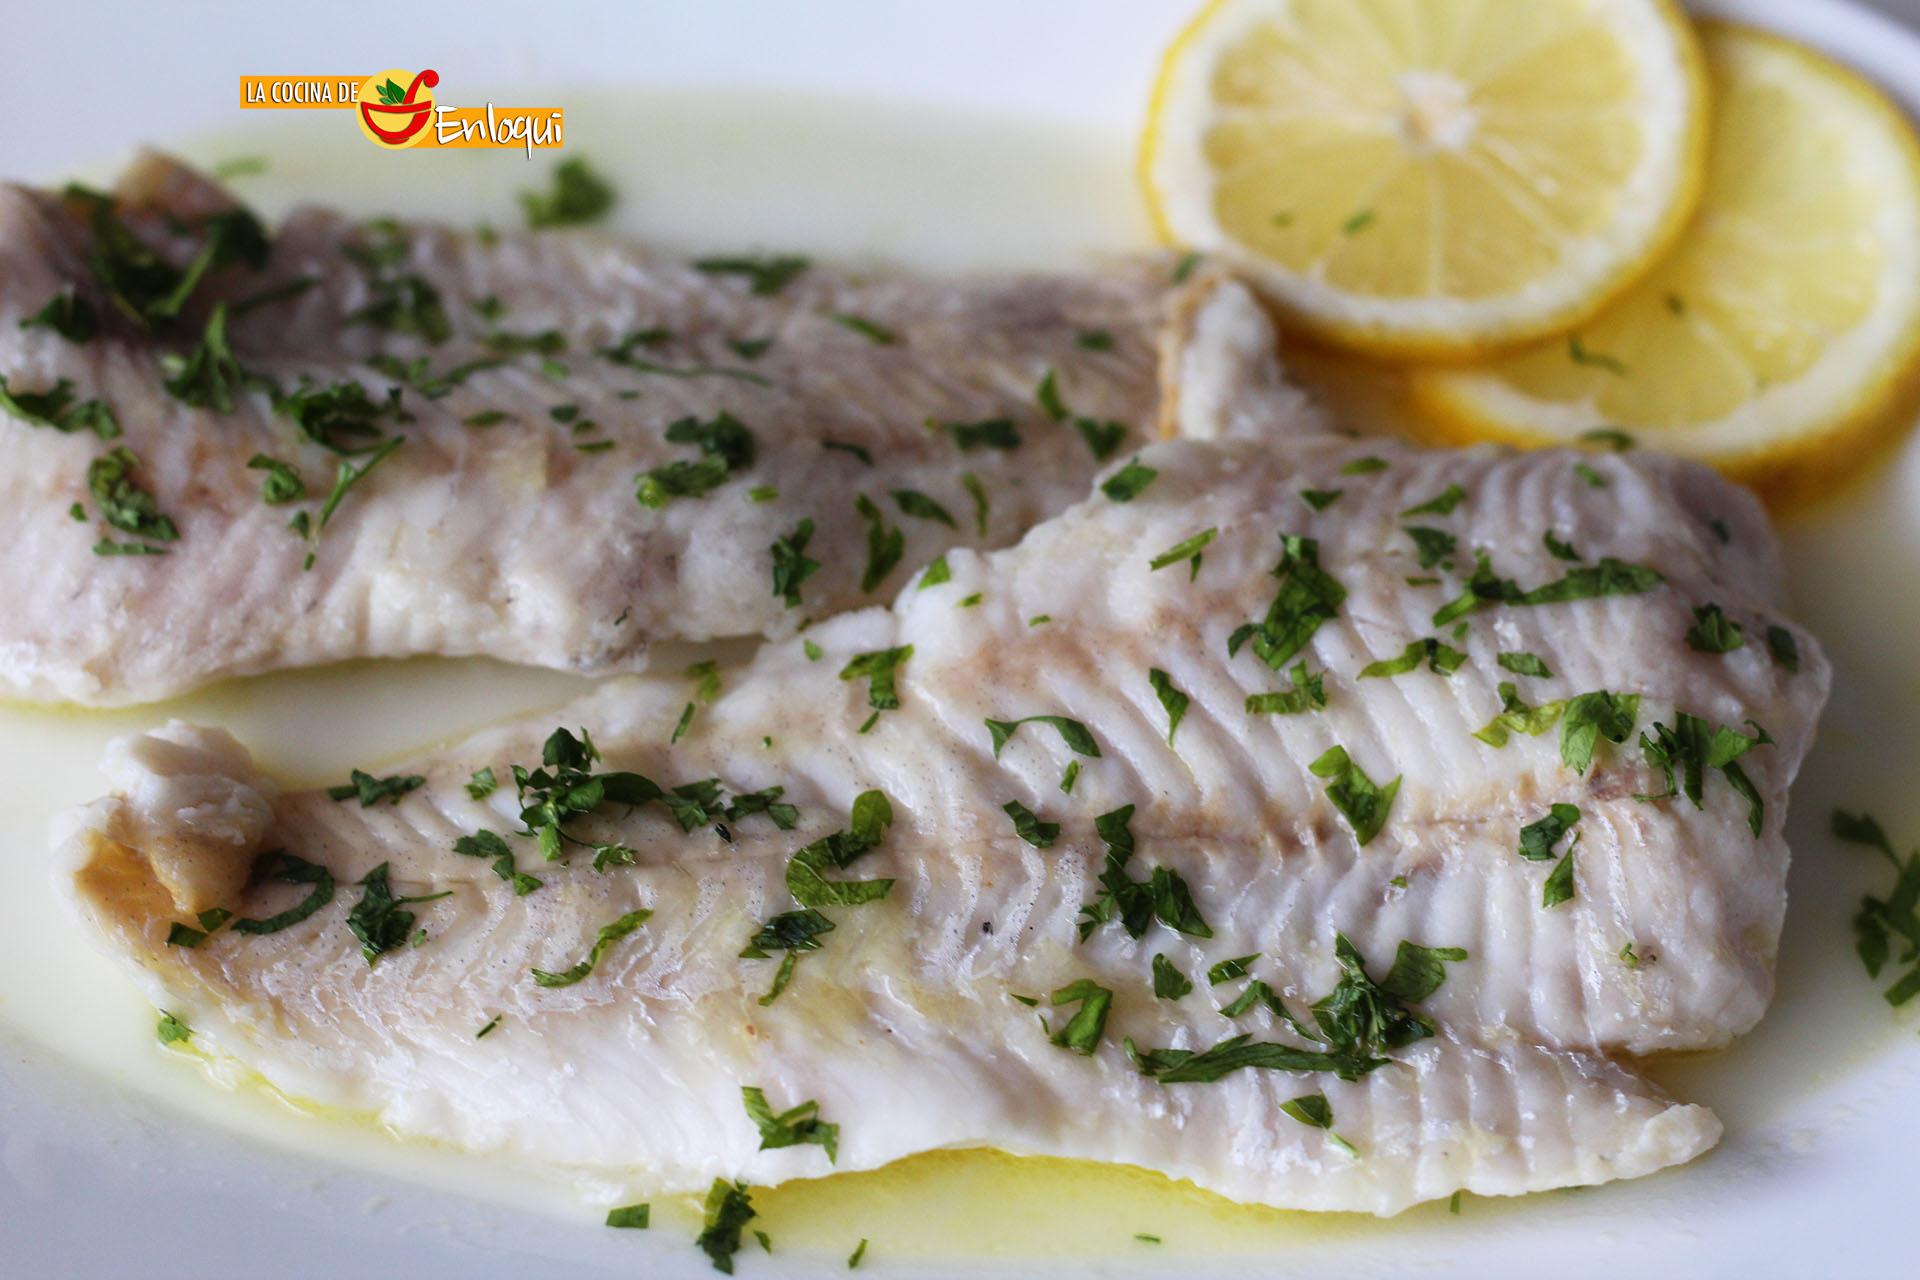 Blanda receta pescado cocido dieta